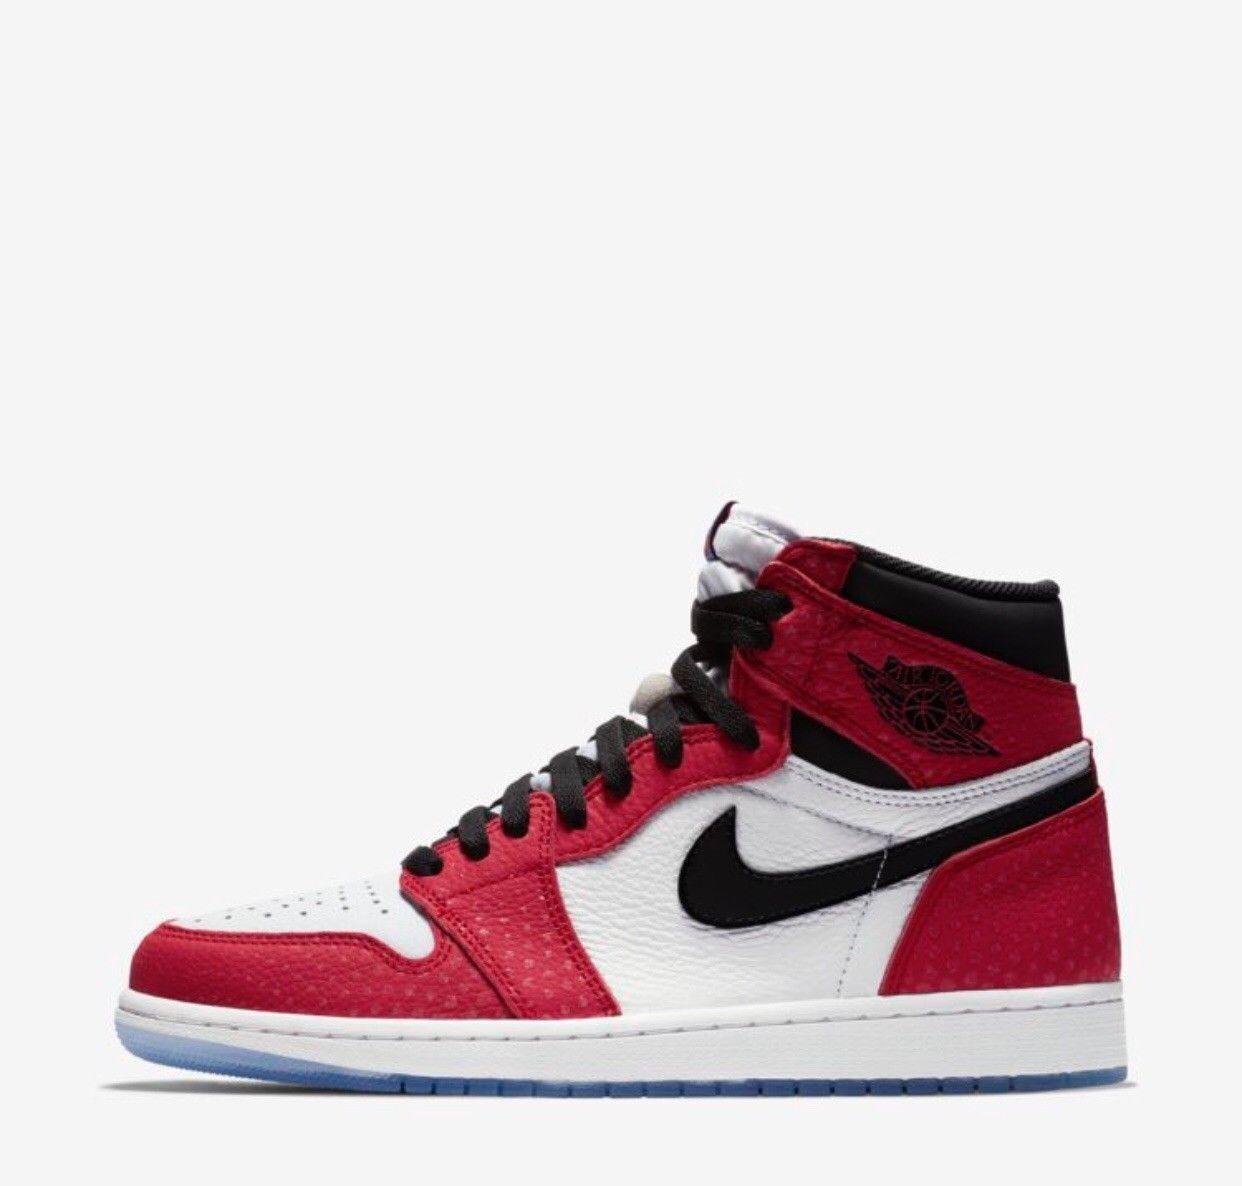 Nike Air Jordan 1 Spider man 555088 602 Air Max  sz 13